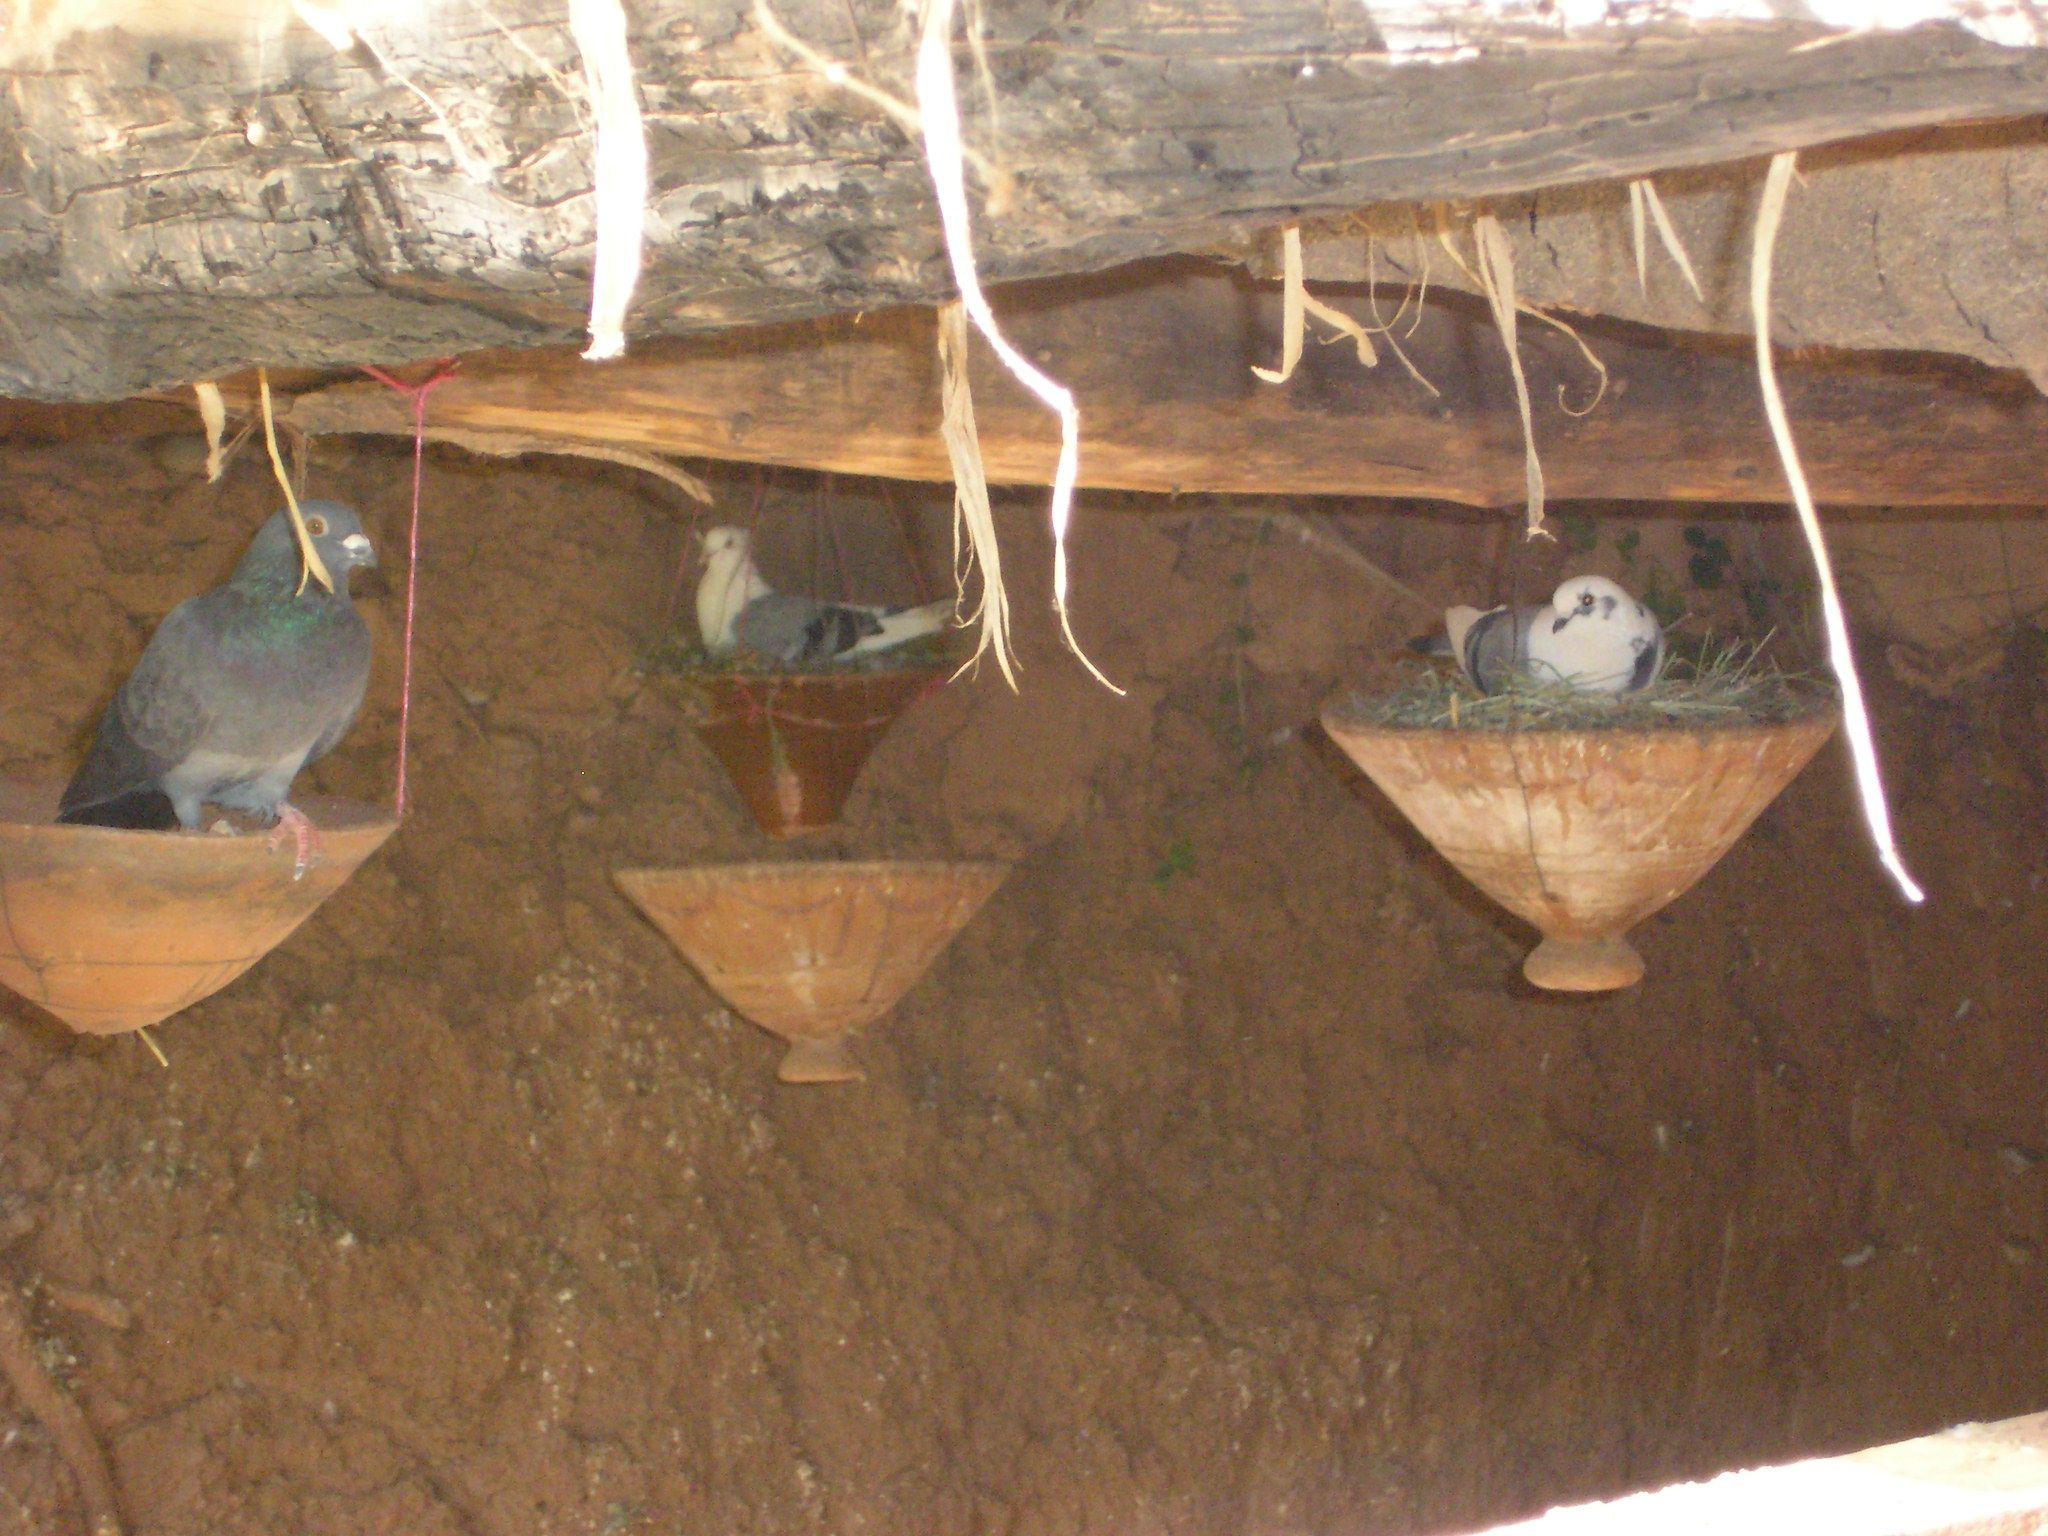 Marrakech nid d 39 pigeons - Comment faire fuir les pigeons ...